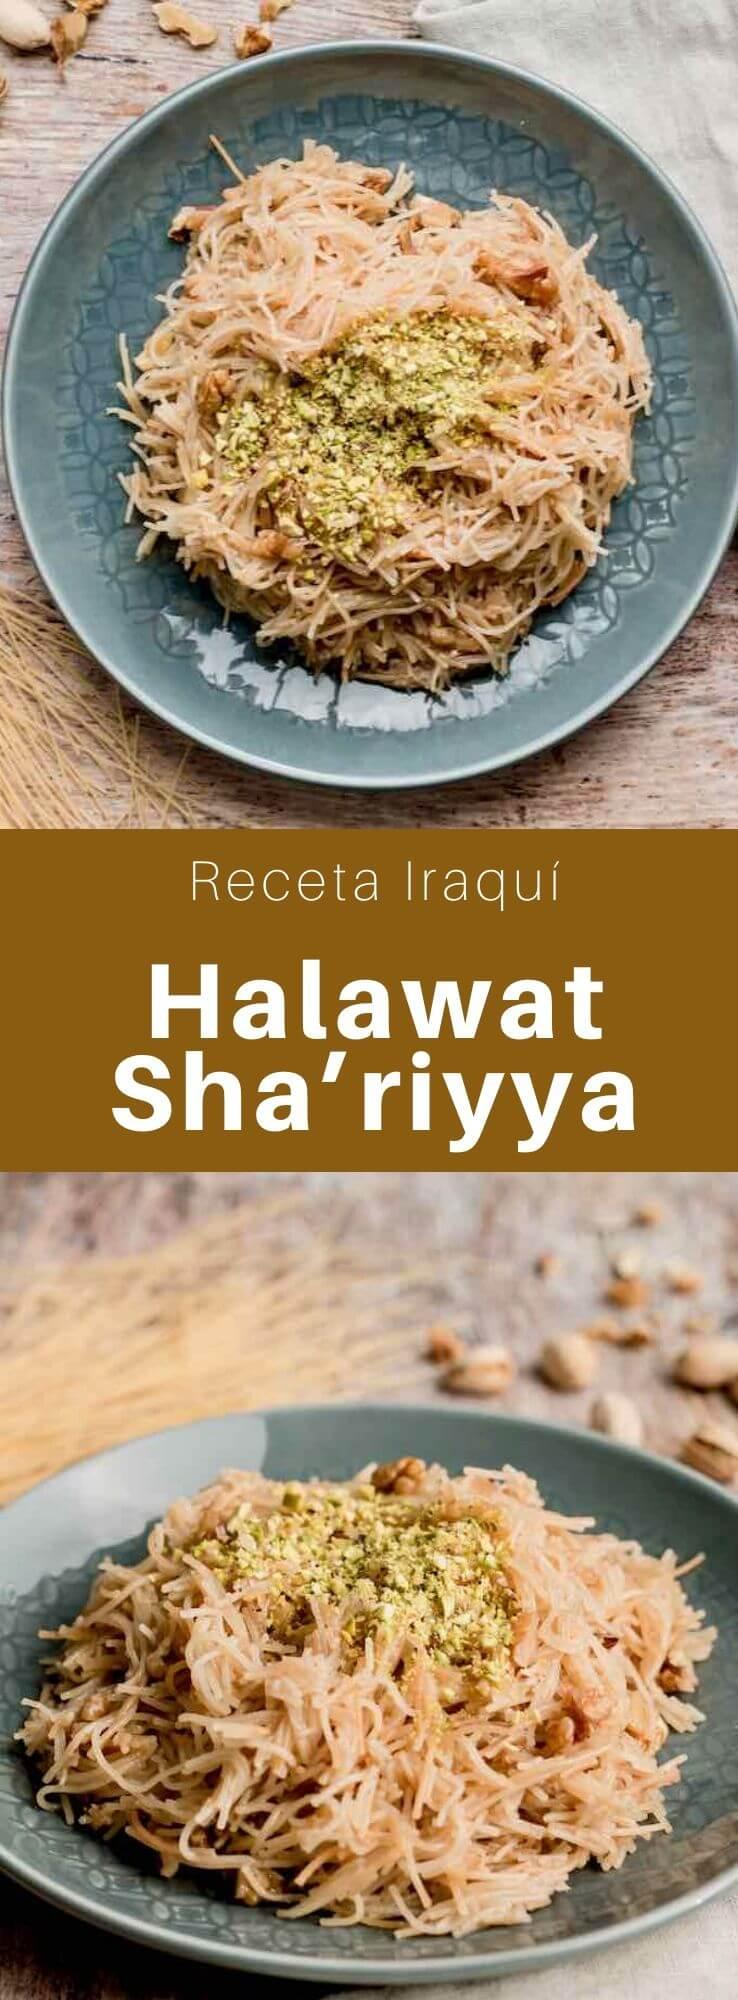 El halawat sha'riyya es un postre típico iraquí hecho con fideos y nueces, aromatizado con cardamomo y agua de rosas.